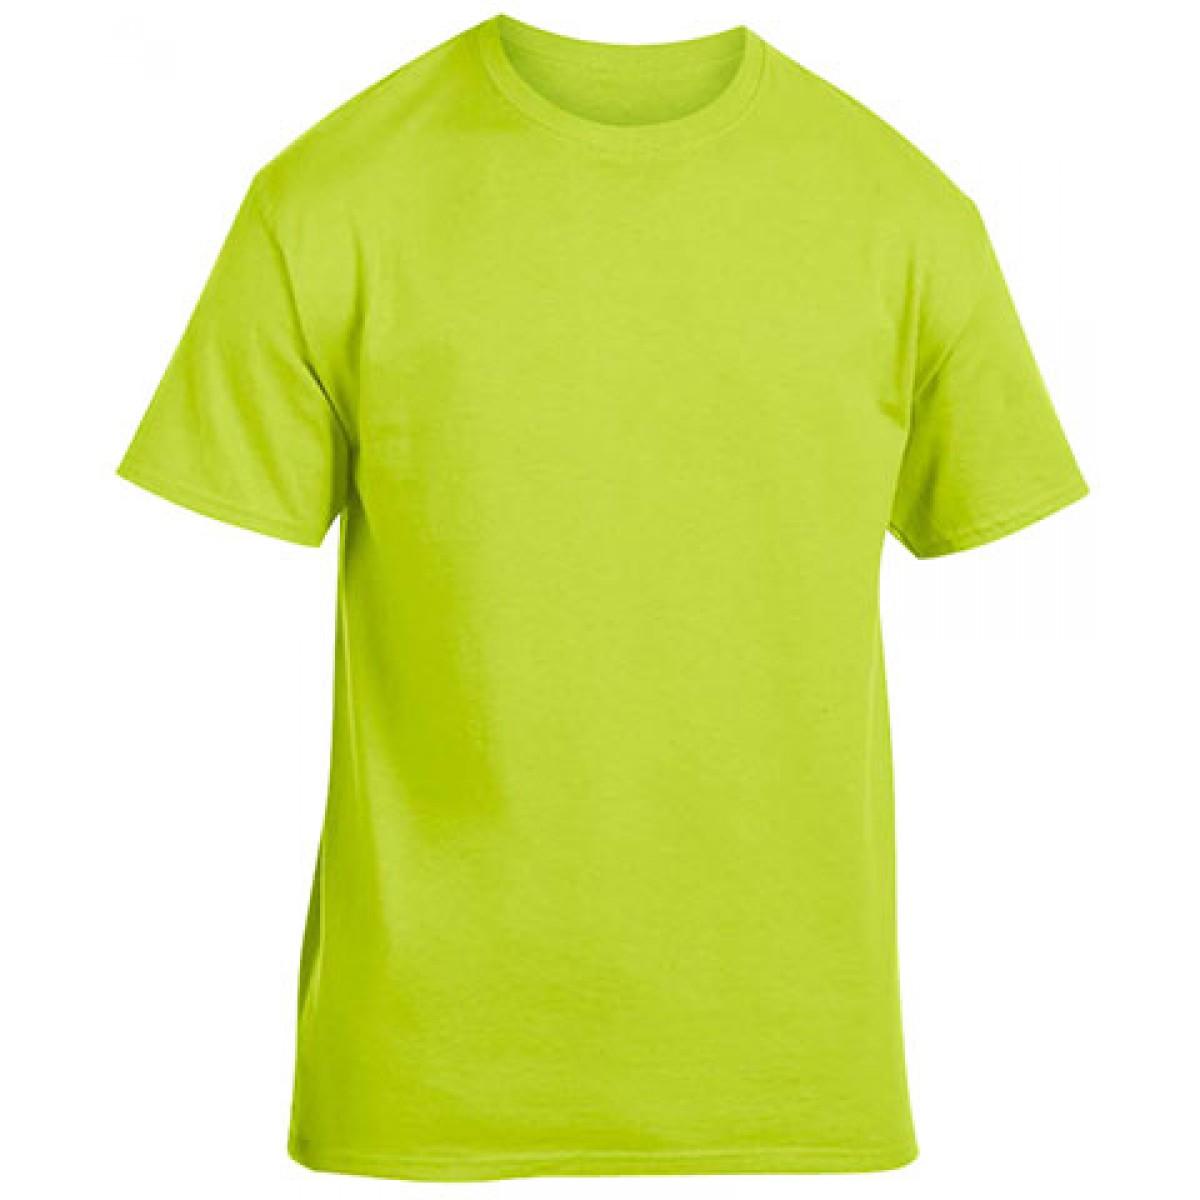 Cotton Short Sleeve T-Shirt-Safety Green-2XL